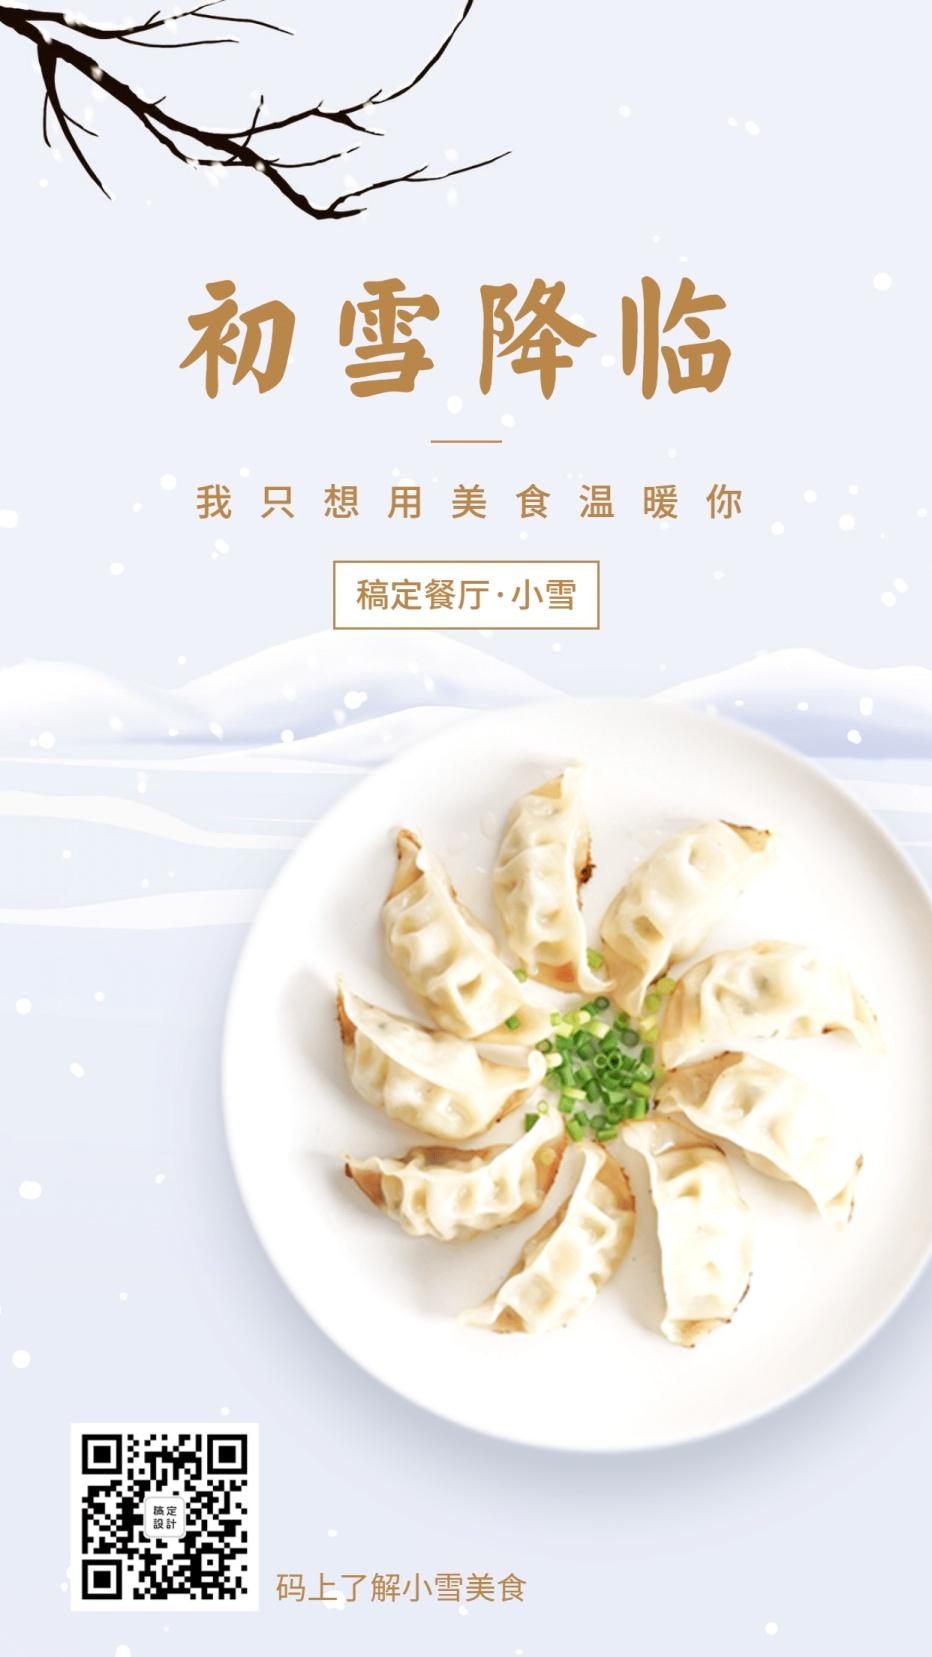 小雪节气/餐饮美食/清新文艺/手机海报